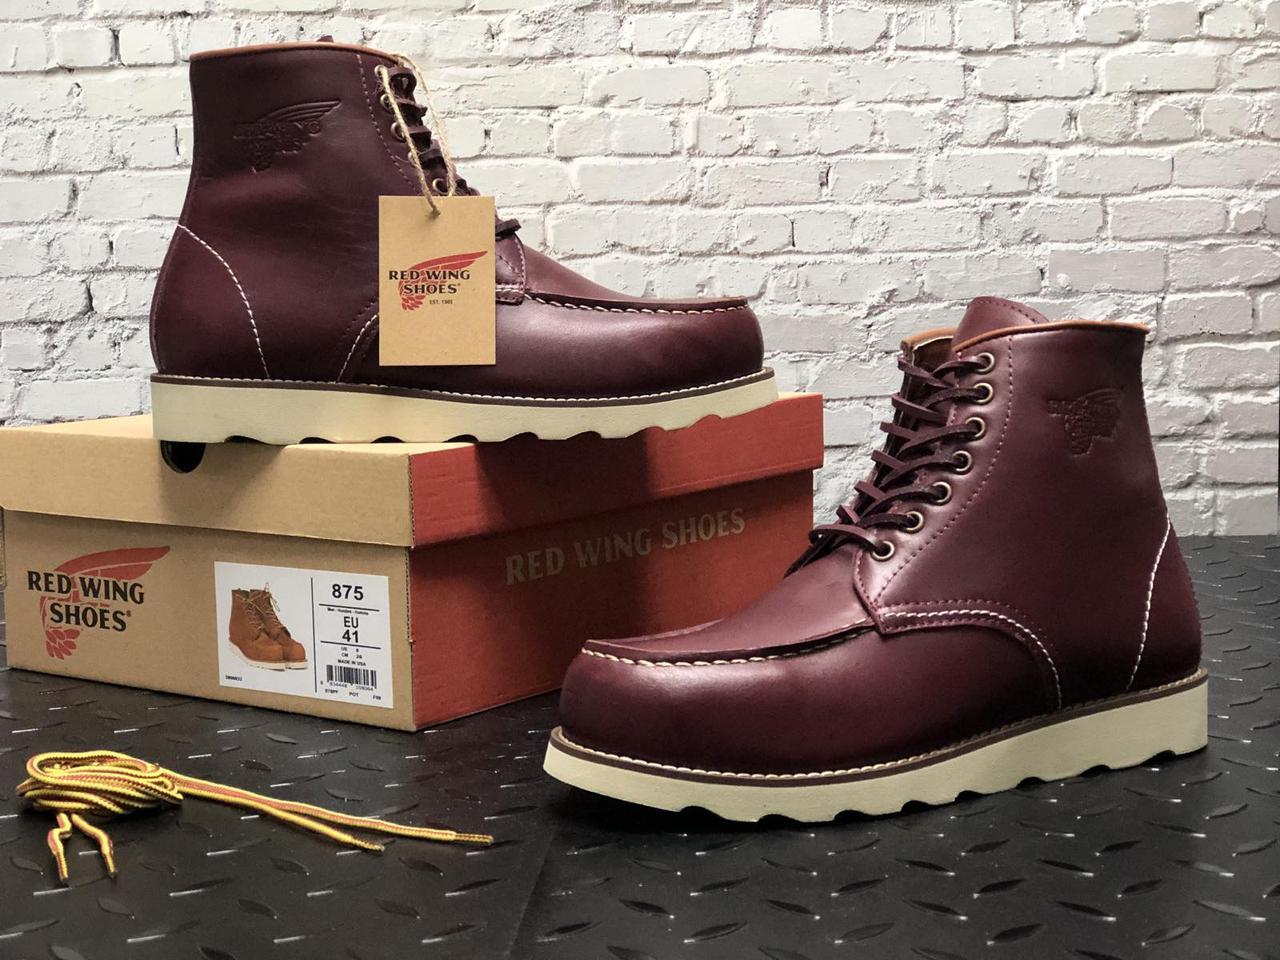 Мужские кожаные высокие ботинки Red Wing темно-коричневого цвета (классические осень/зима)